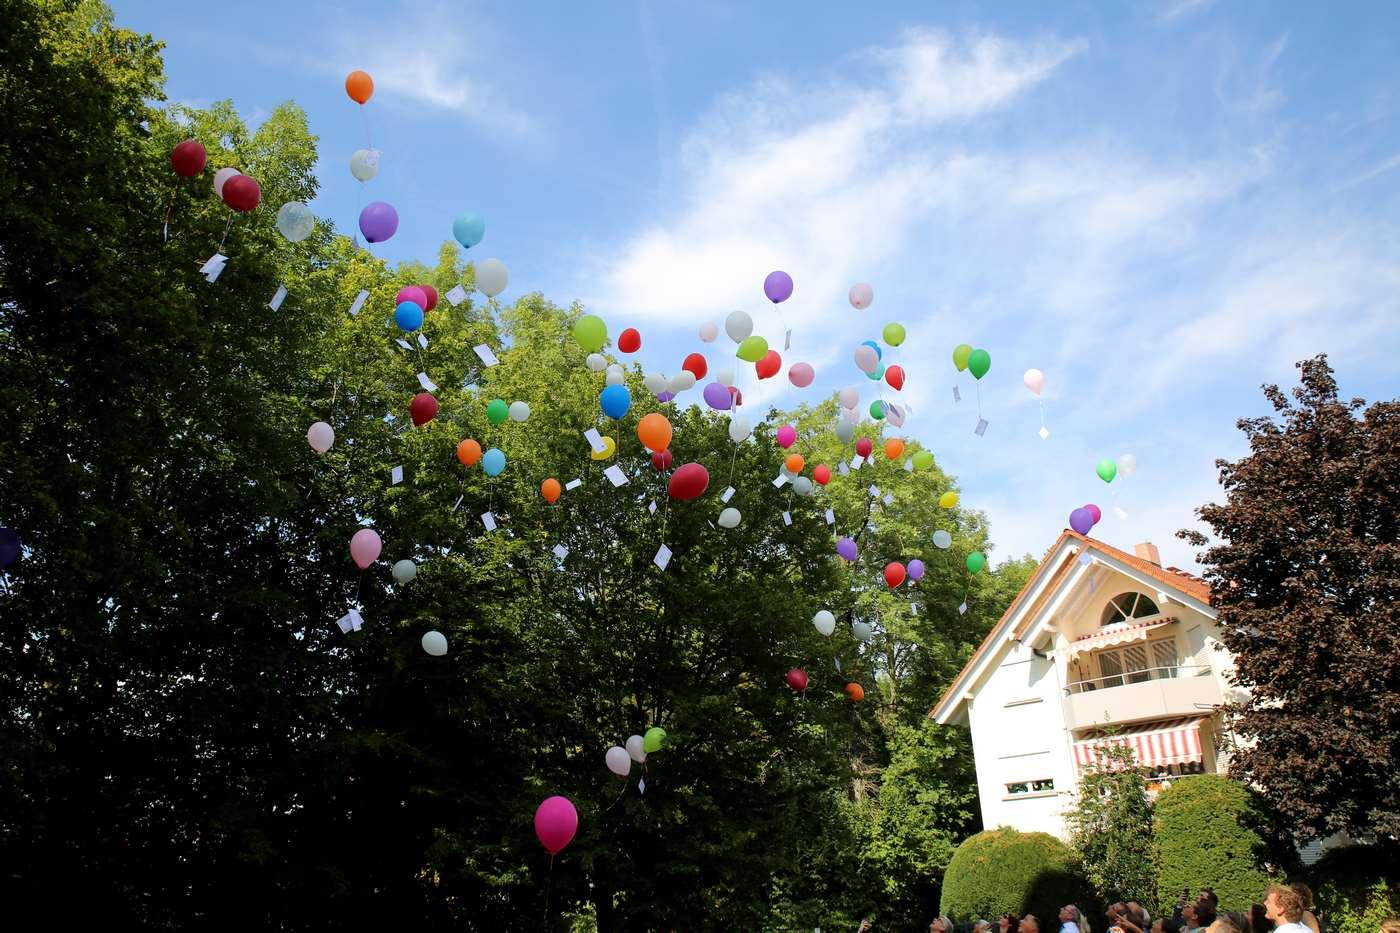 Bunte Ballons mit Grußkarten in der Luft